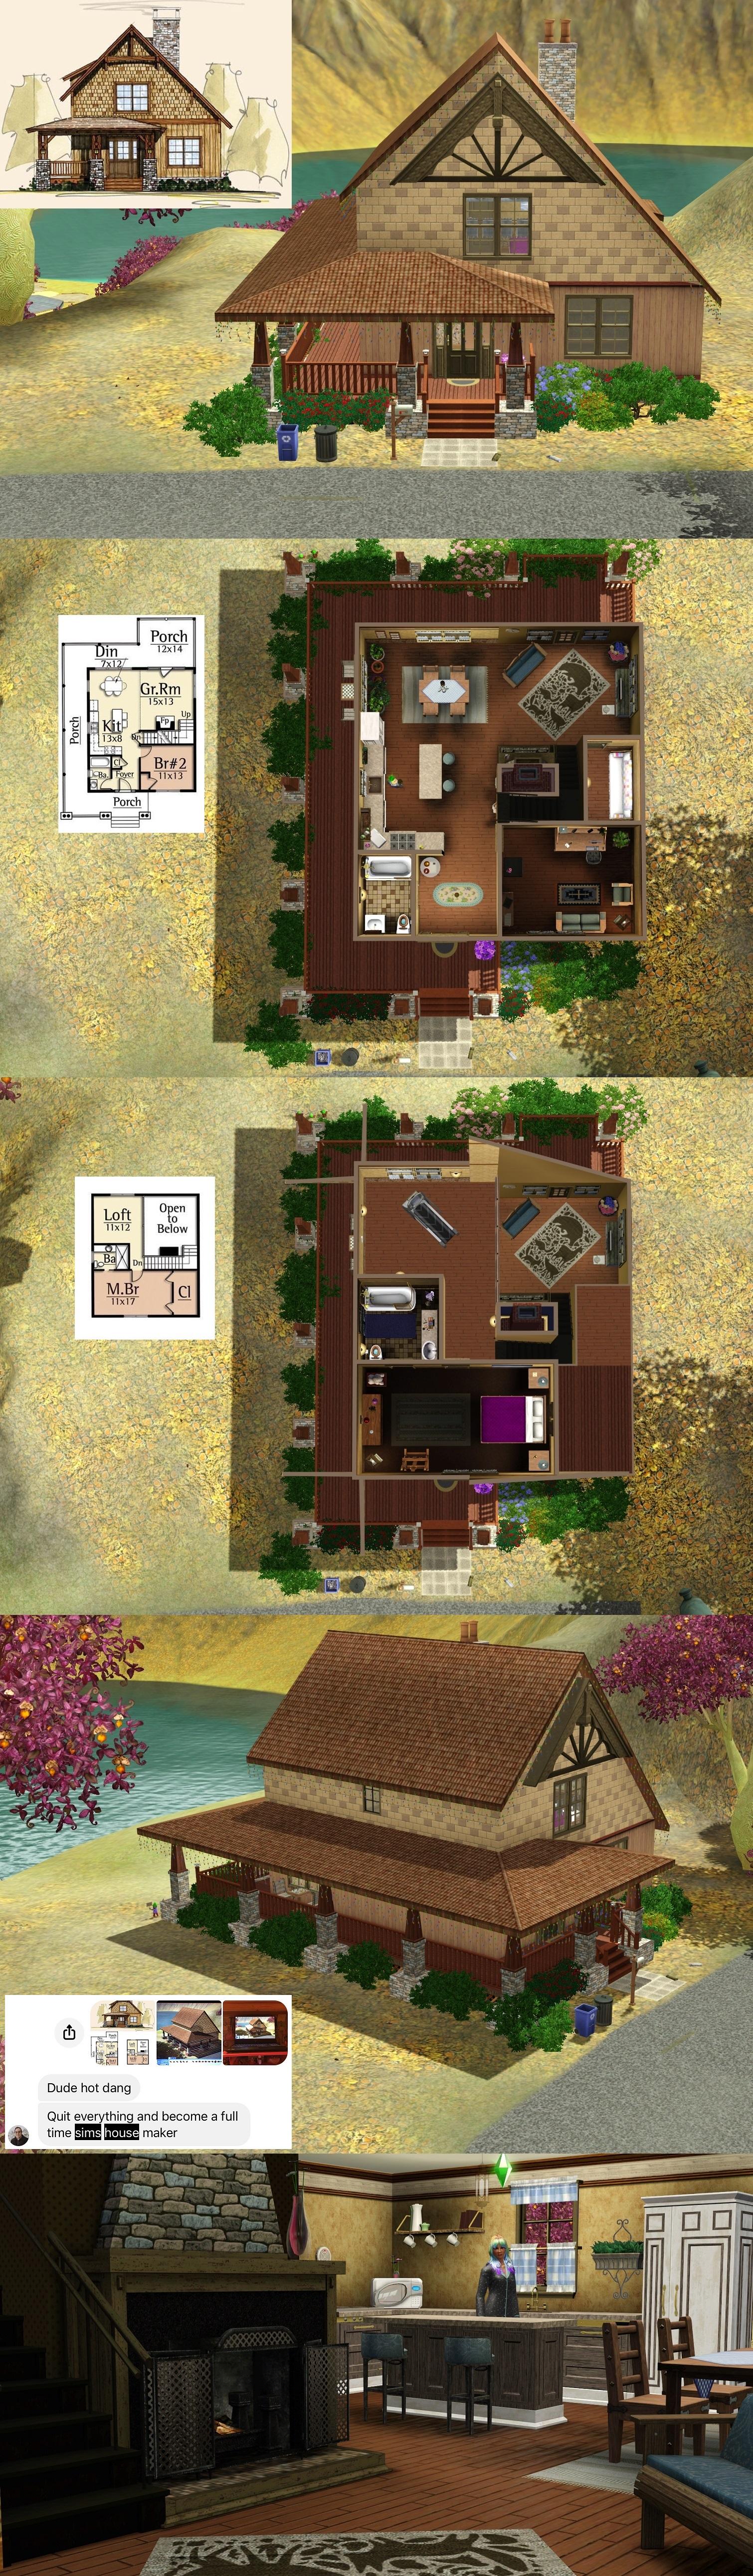 Sims 3 - Rustic Getaway